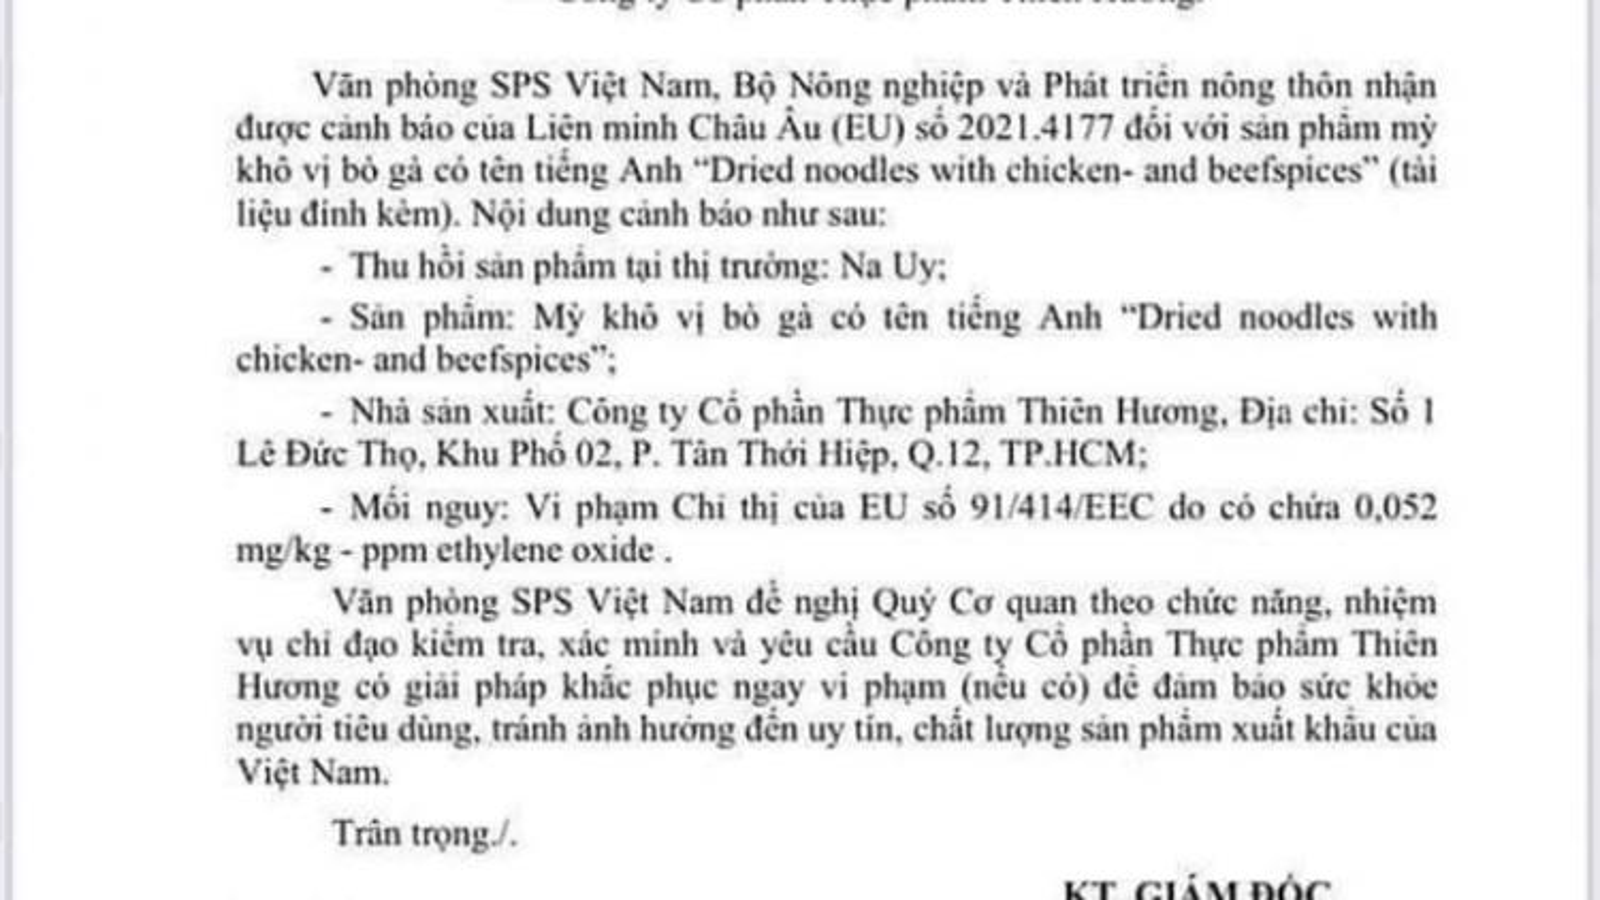 EU lại cảnh báo mì khô vị bò gà Thiên Hương có chất cấm